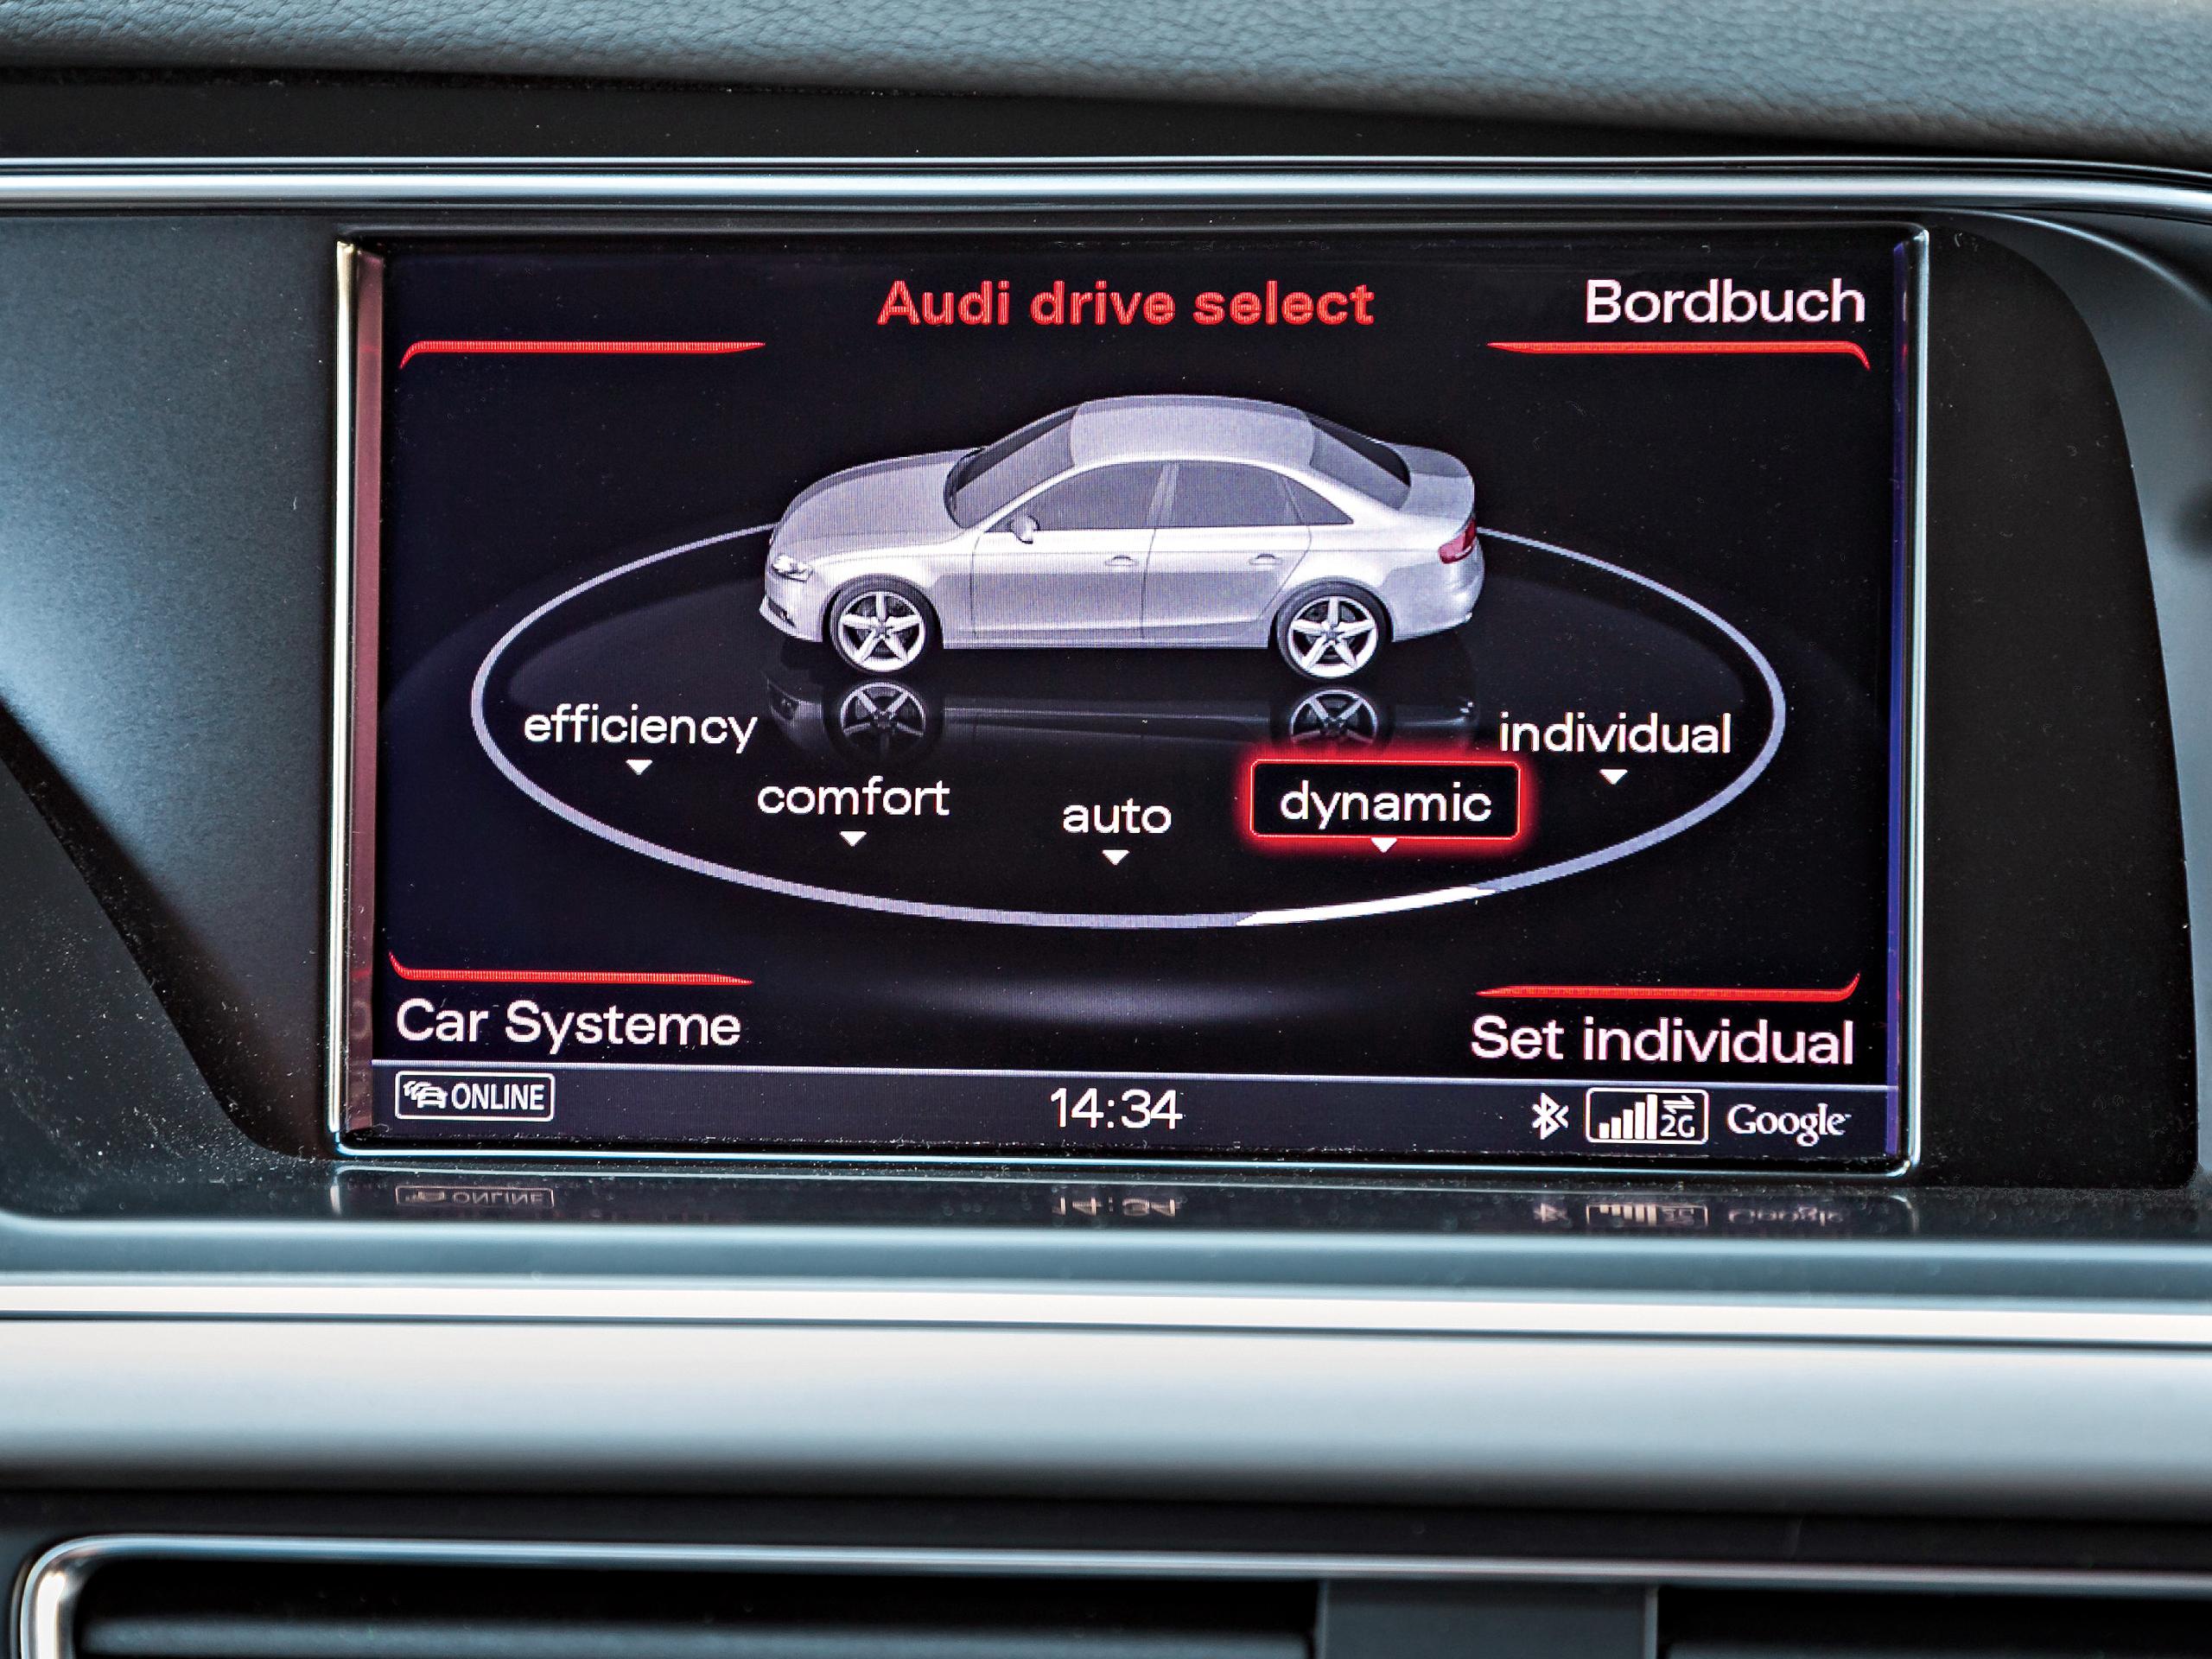 Audi A4 1 8 TFSI gegen A4 2 0 TDI Vergleich Benziner gegen Diesel